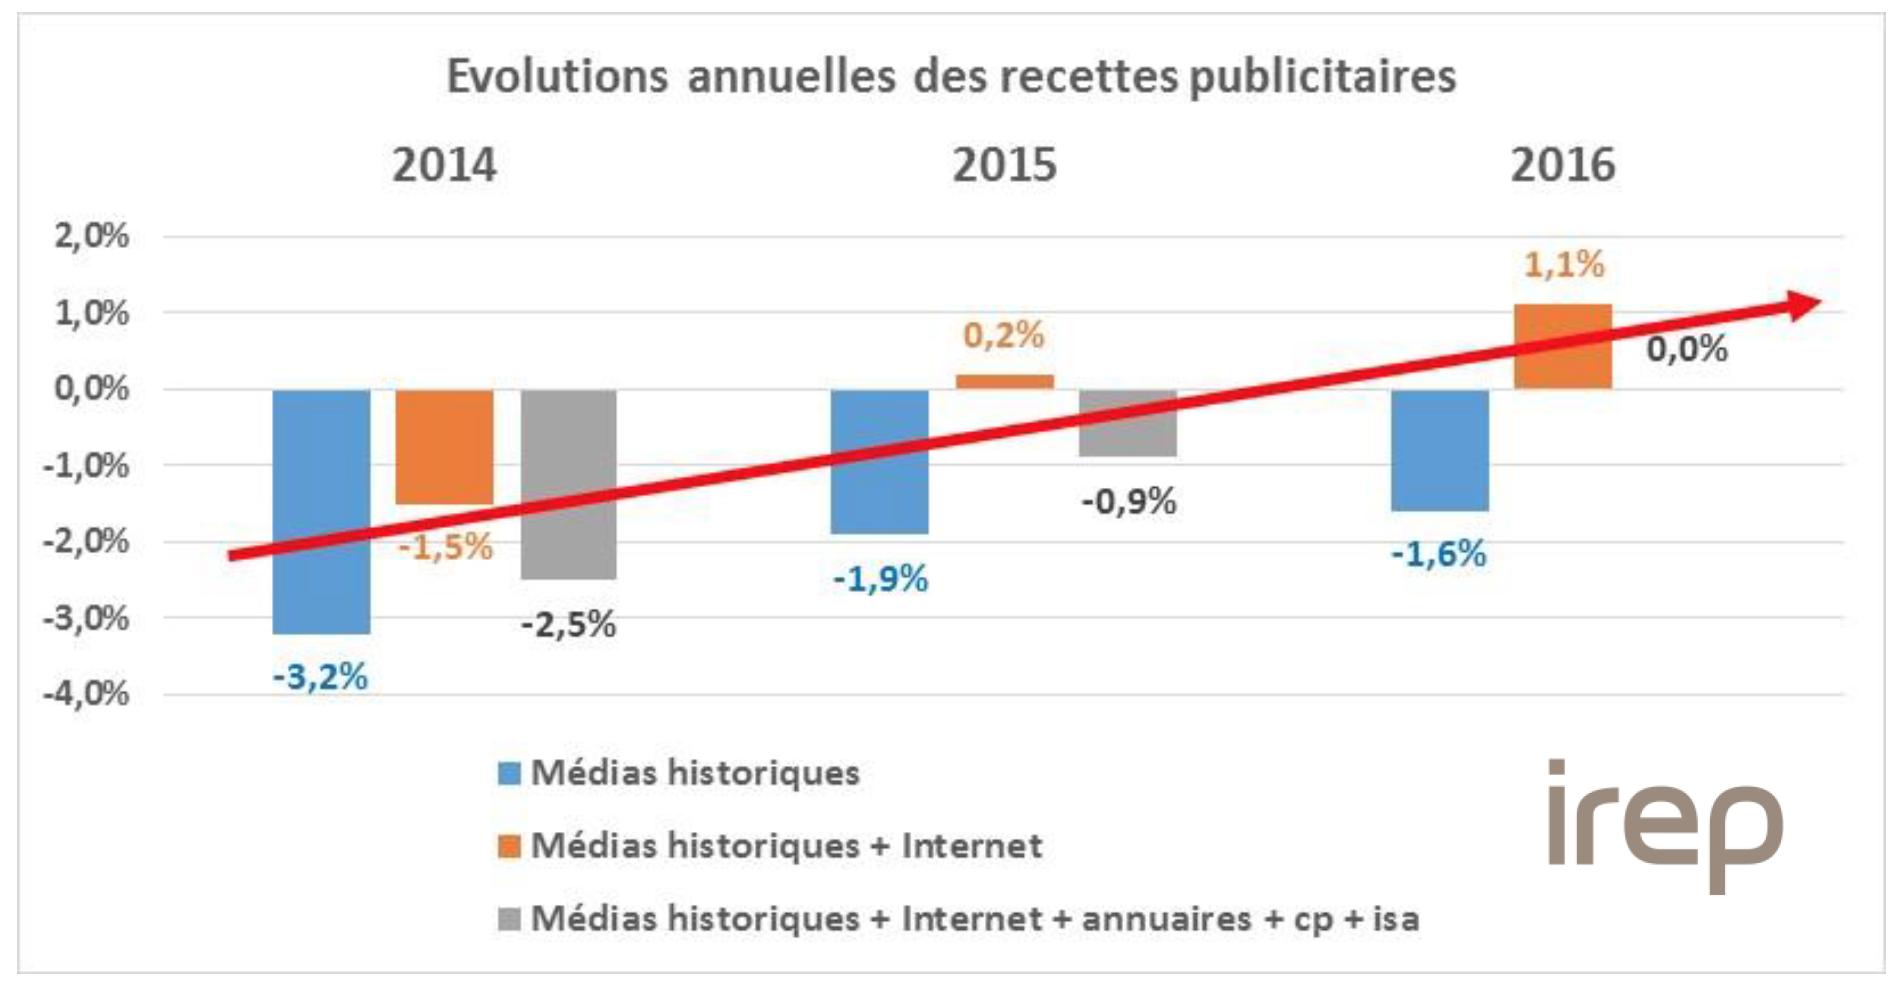 """Le graphique ci-dessus atteste que le marché publicitaire est mieux orienté en 2016 avec une stabilité pour l'ensemble des médias pris en compte par l'IREP, une croissance depuis deux ans sur le périmètre """"médias historiques + Internet"""" et une moindre érosion pour  """"les médias historiques"""""""